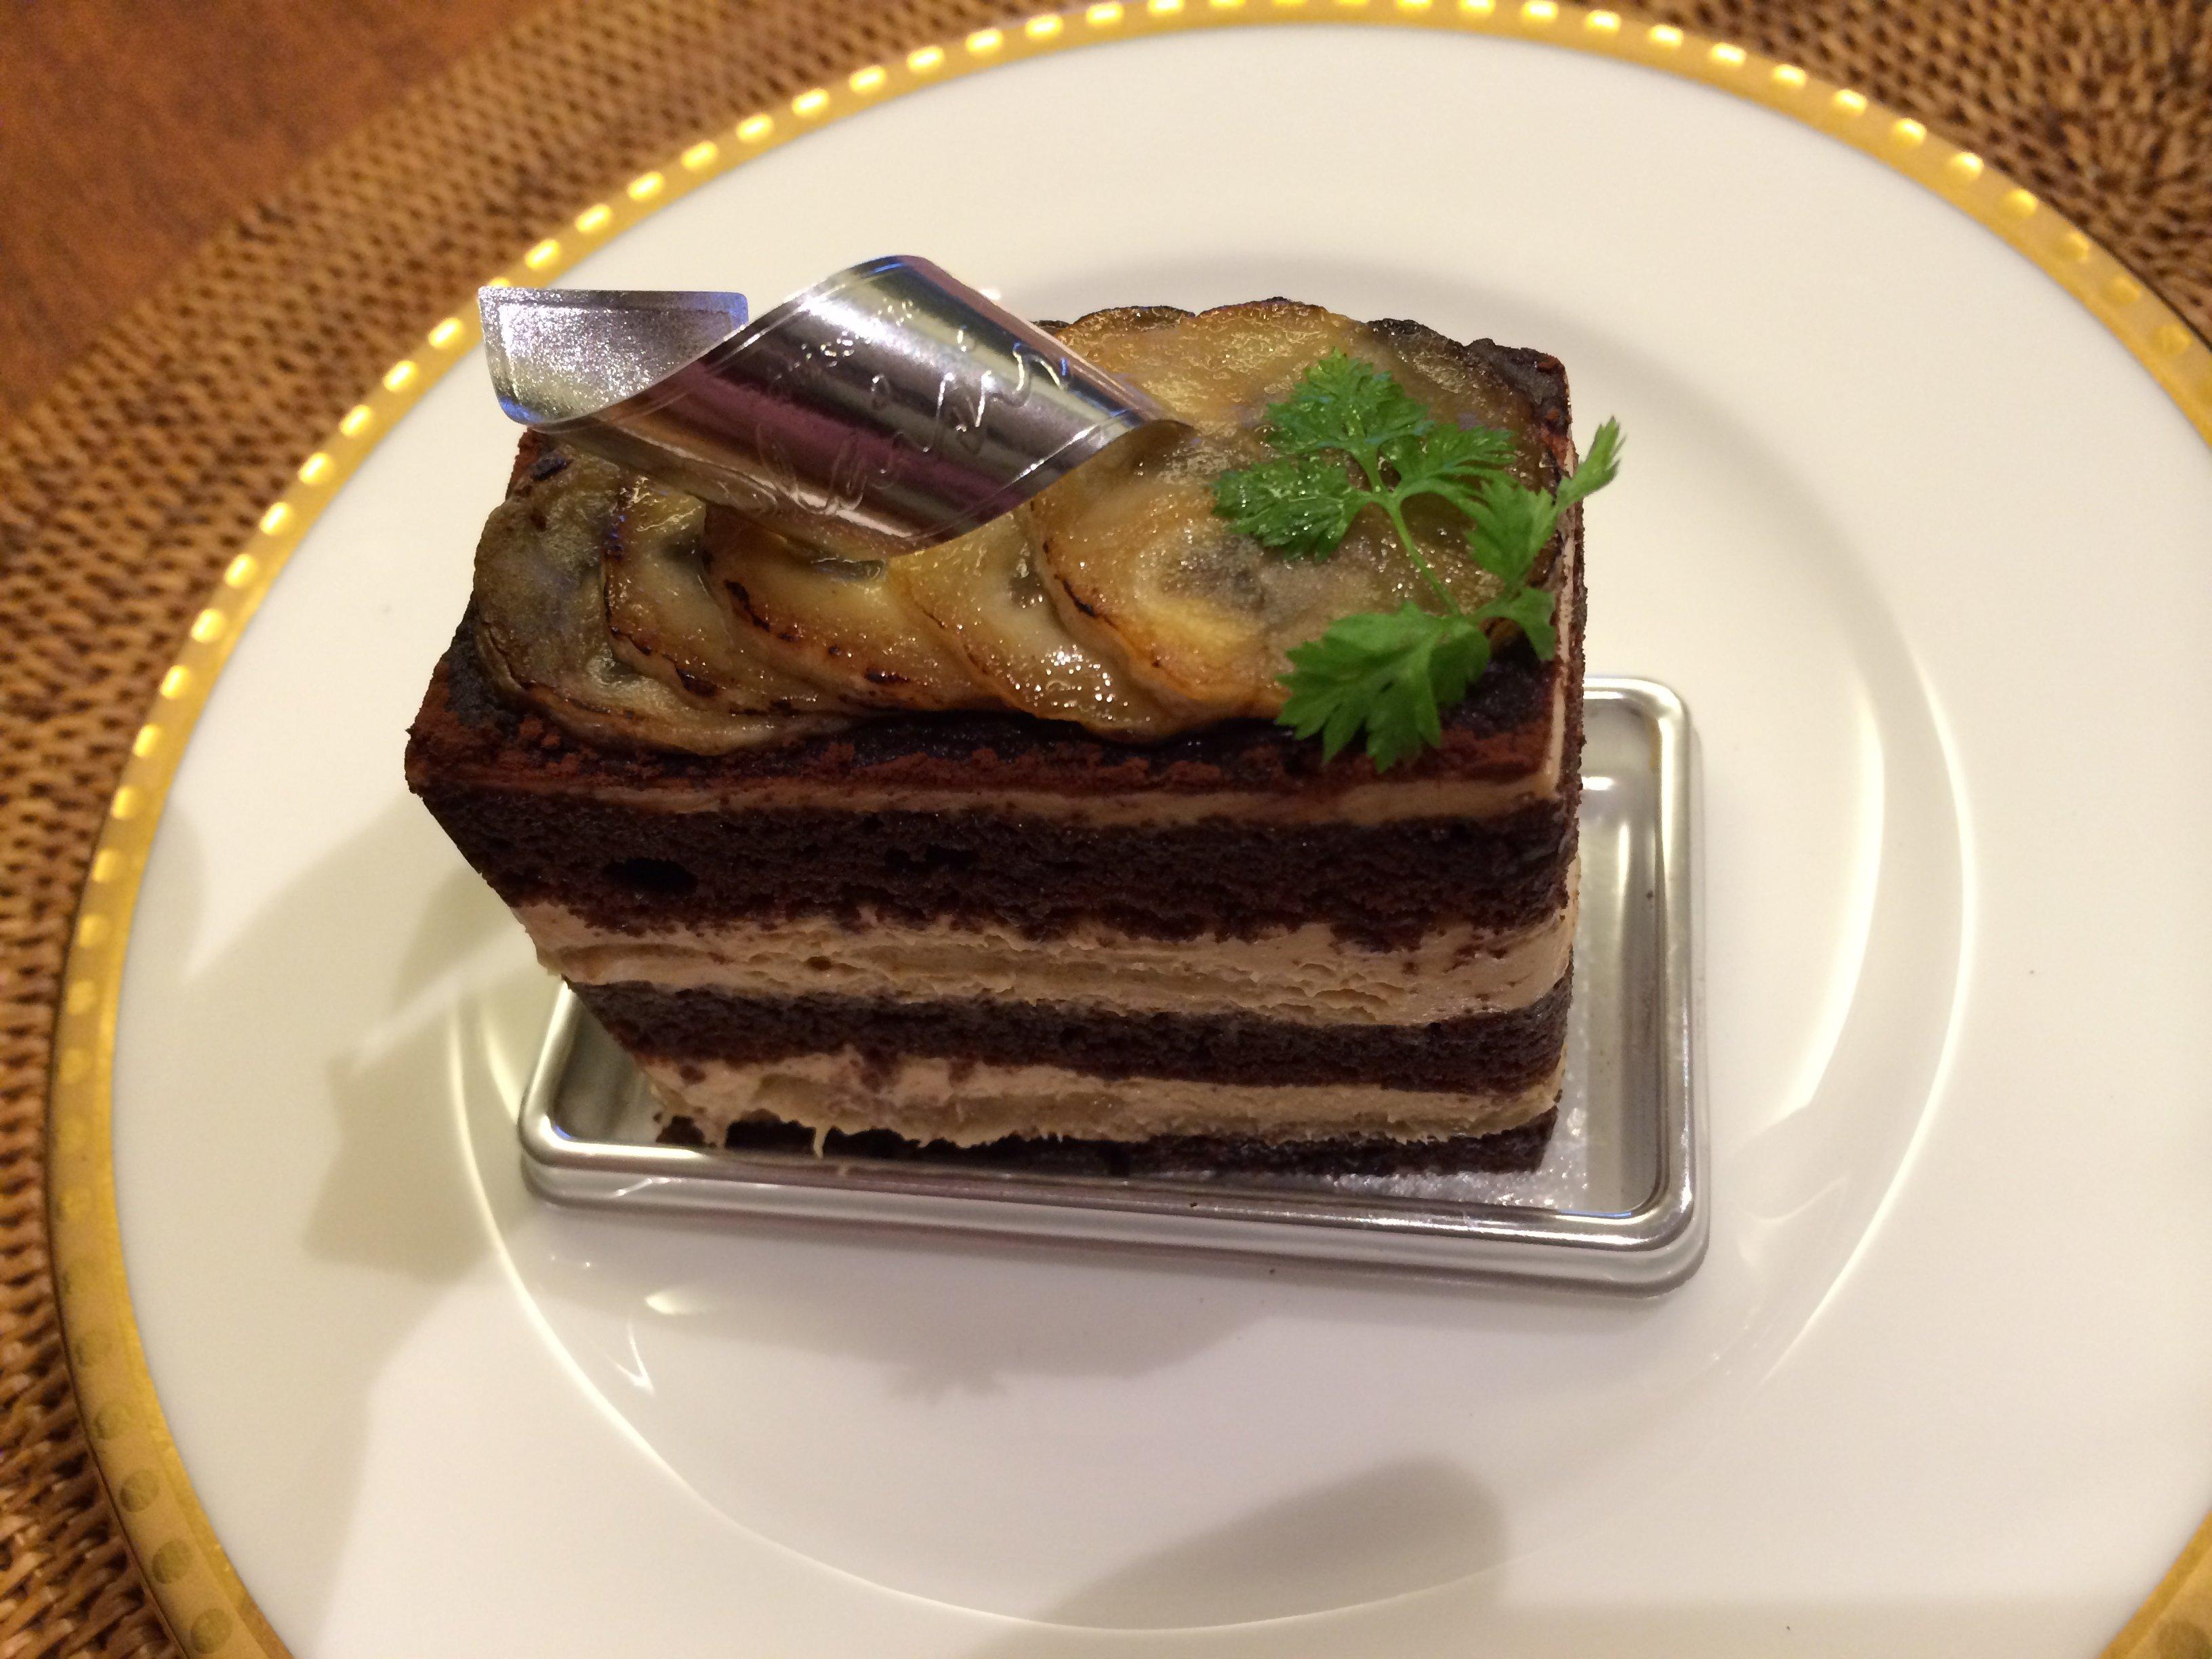 再び、プレジール(Plaisir)のケーキ 【太子堂】